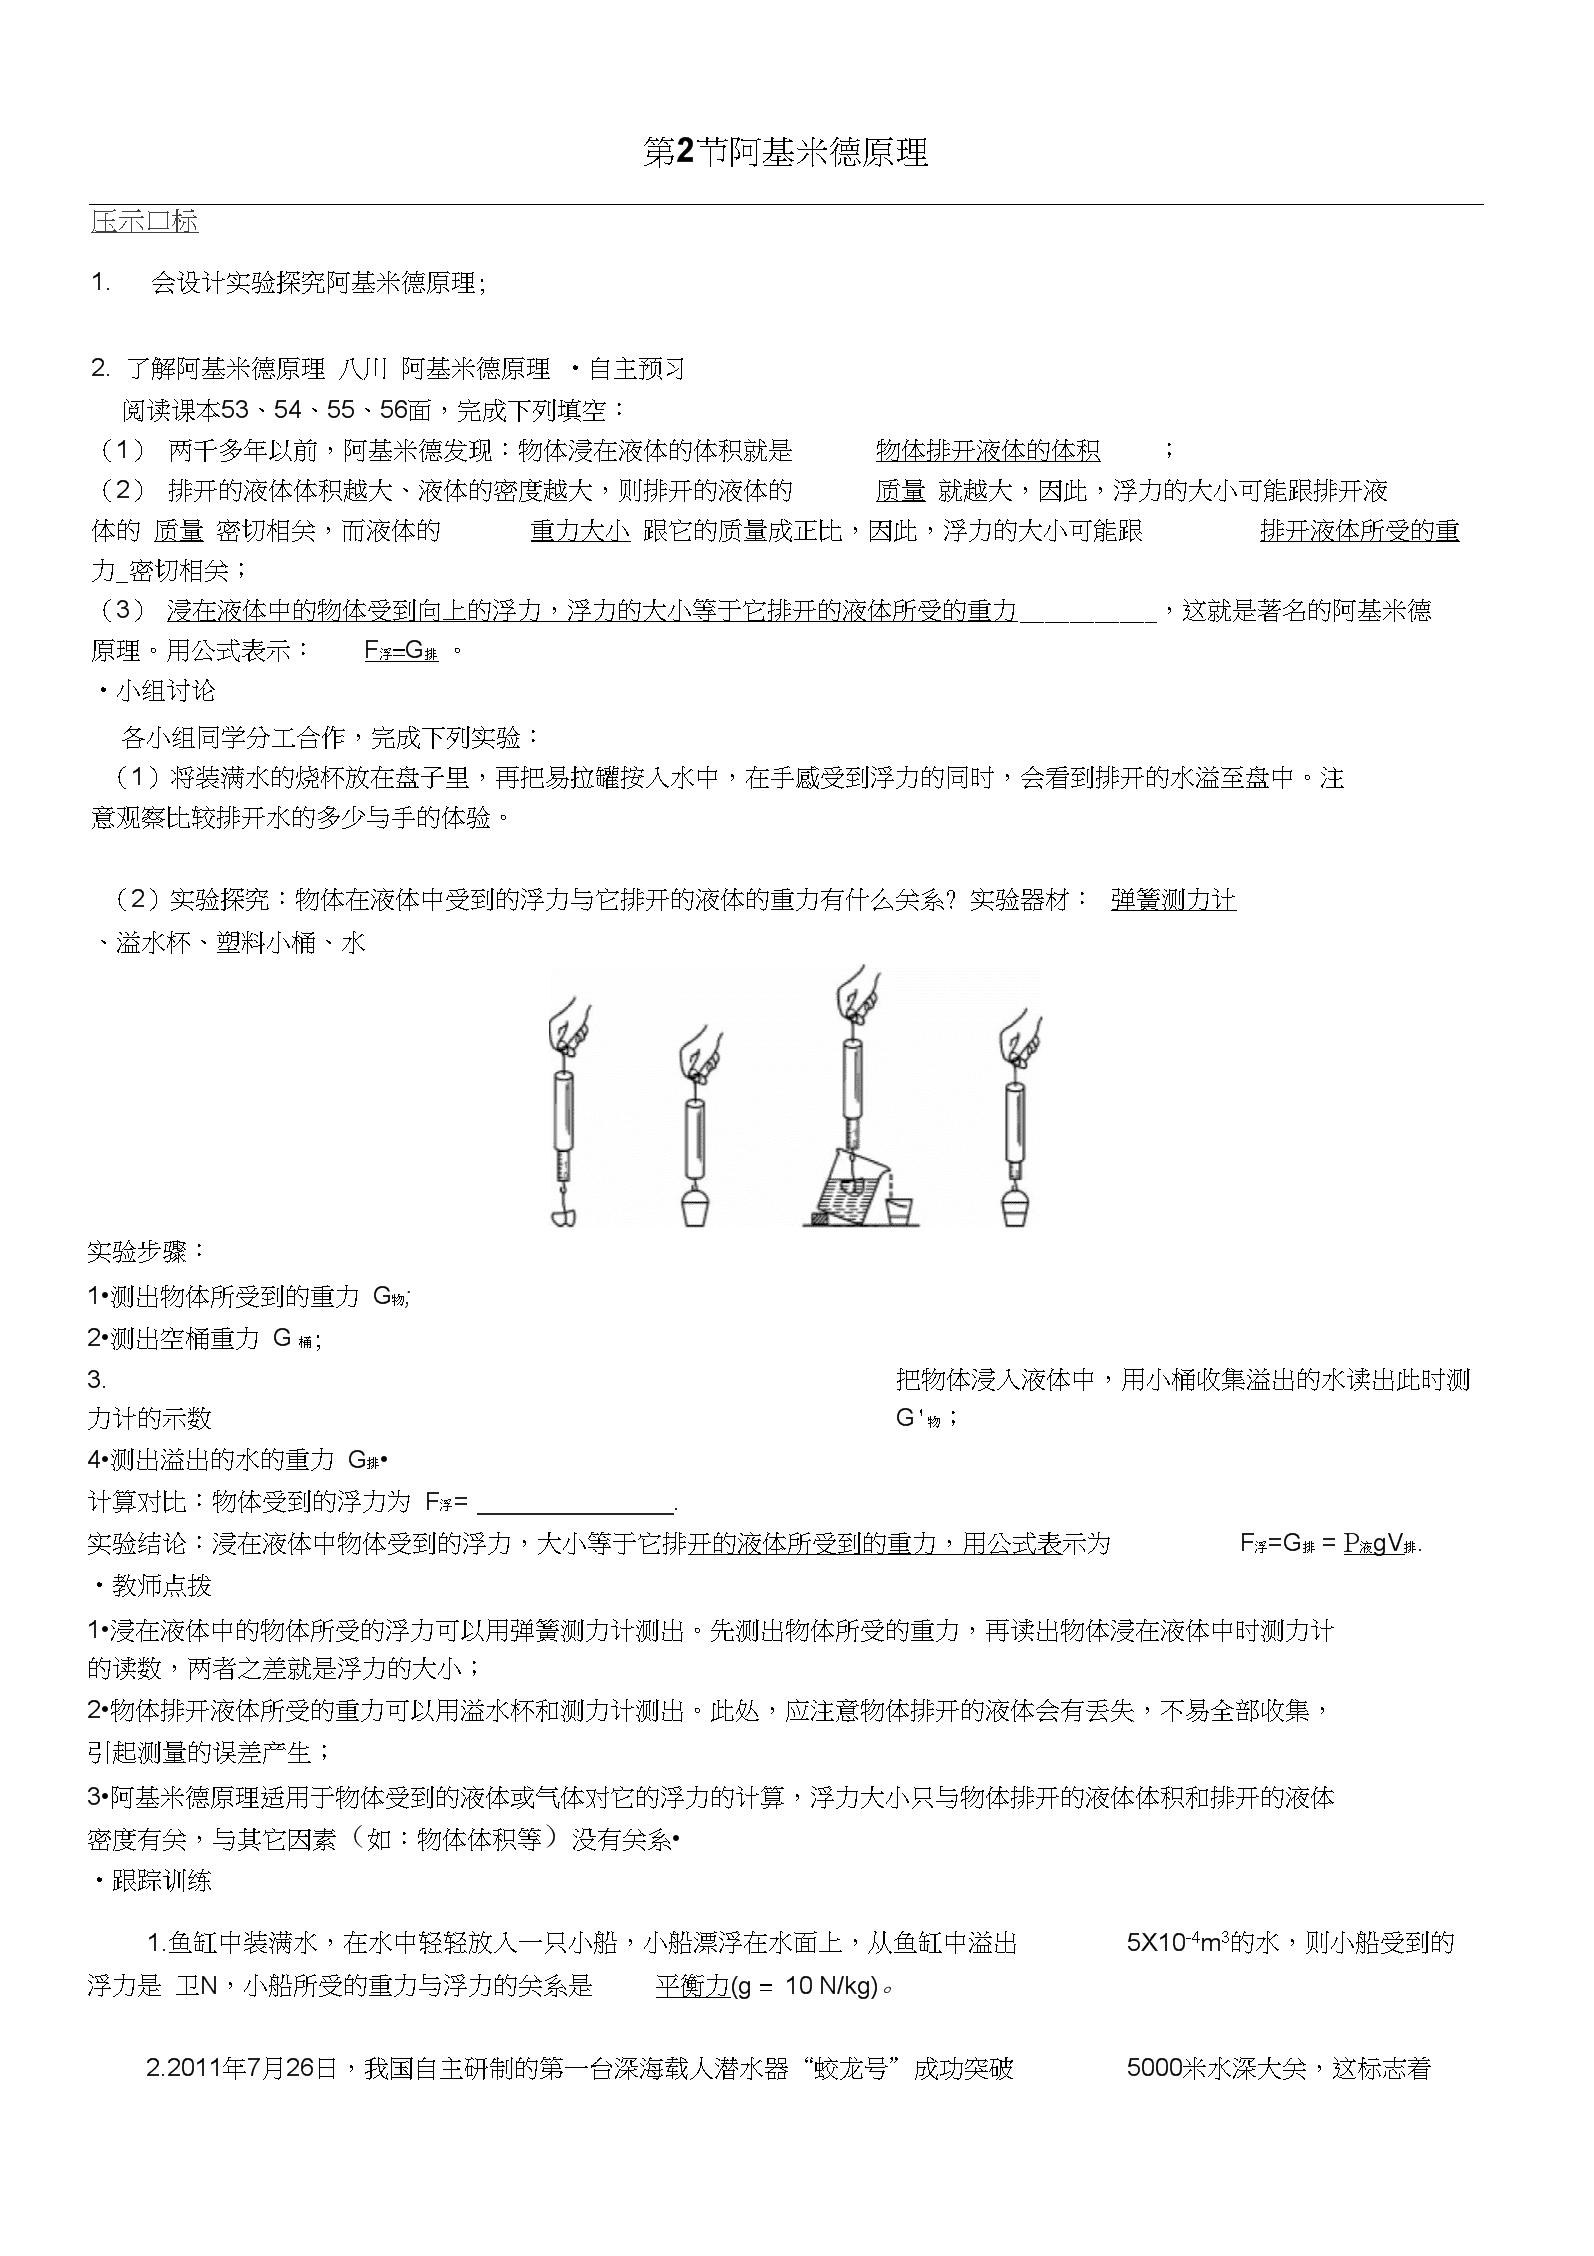 第2节阿基米德.docx